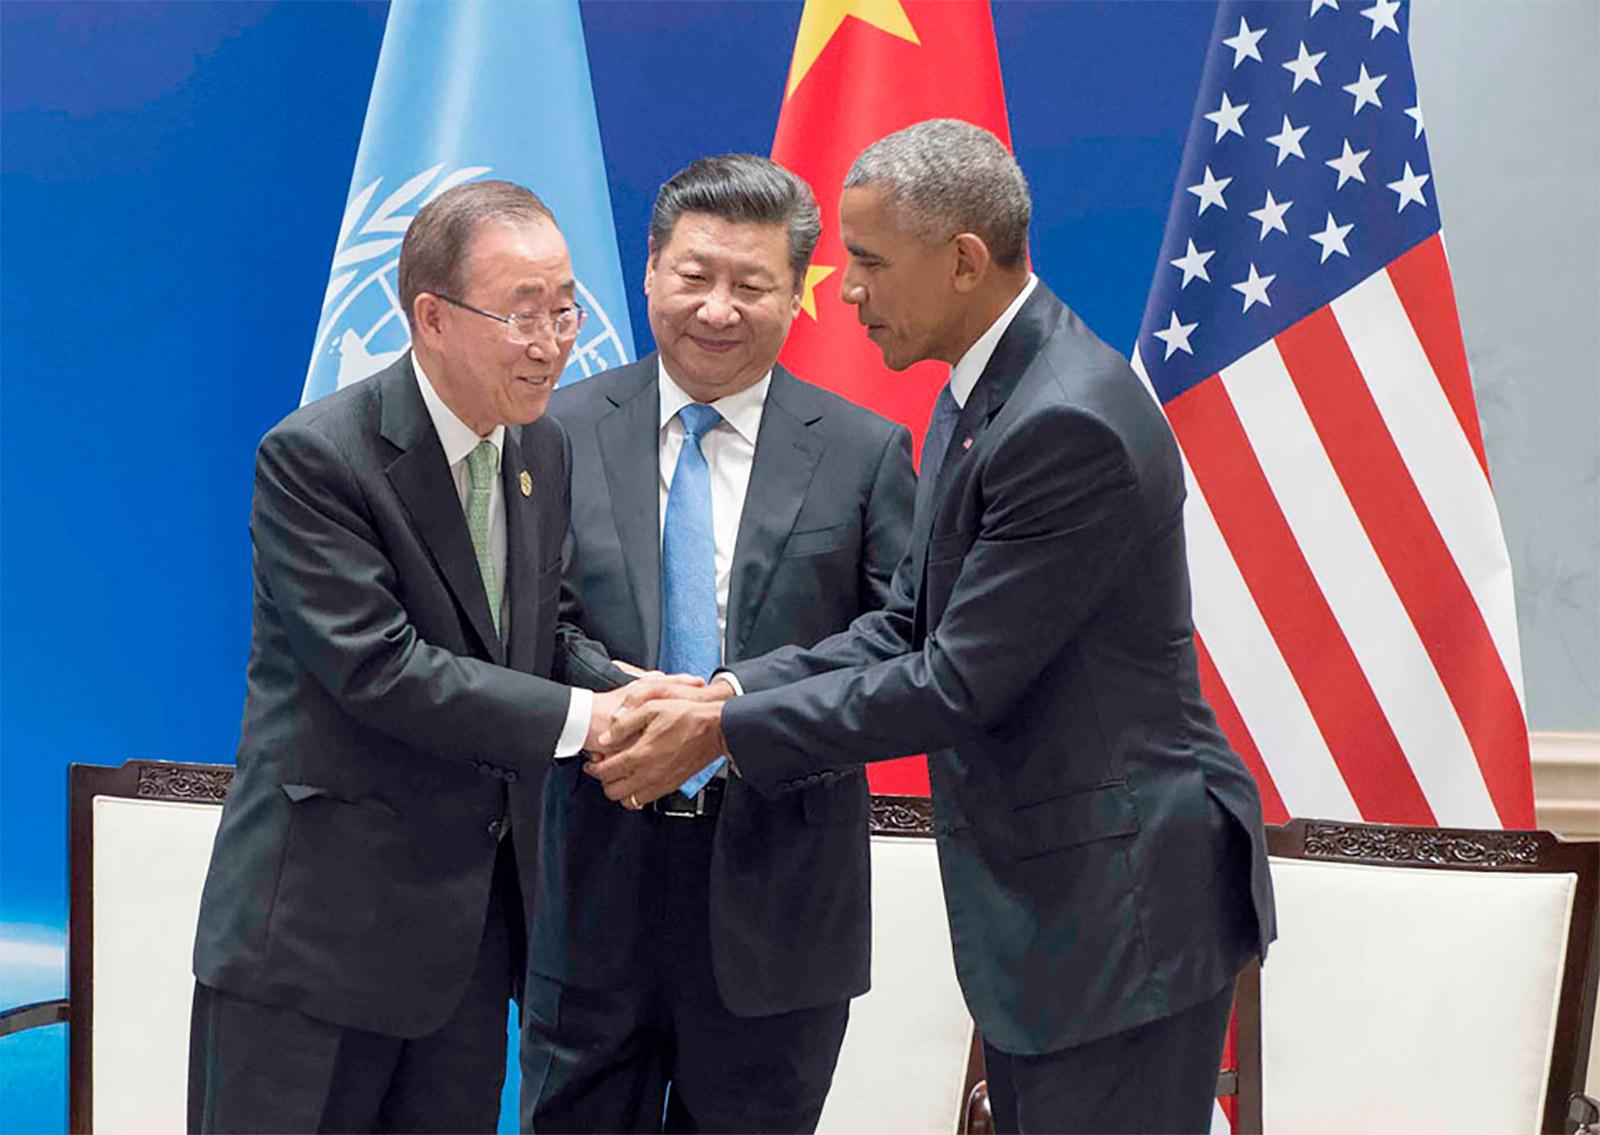 بان كي مون يصافح الرئيس الصيني شي جين بينغ ورئيس اميركا باراك أوباما في حفل إيداع الصكوك الرسمية للبلدين حول اتفاق باريس للتغير المناخي